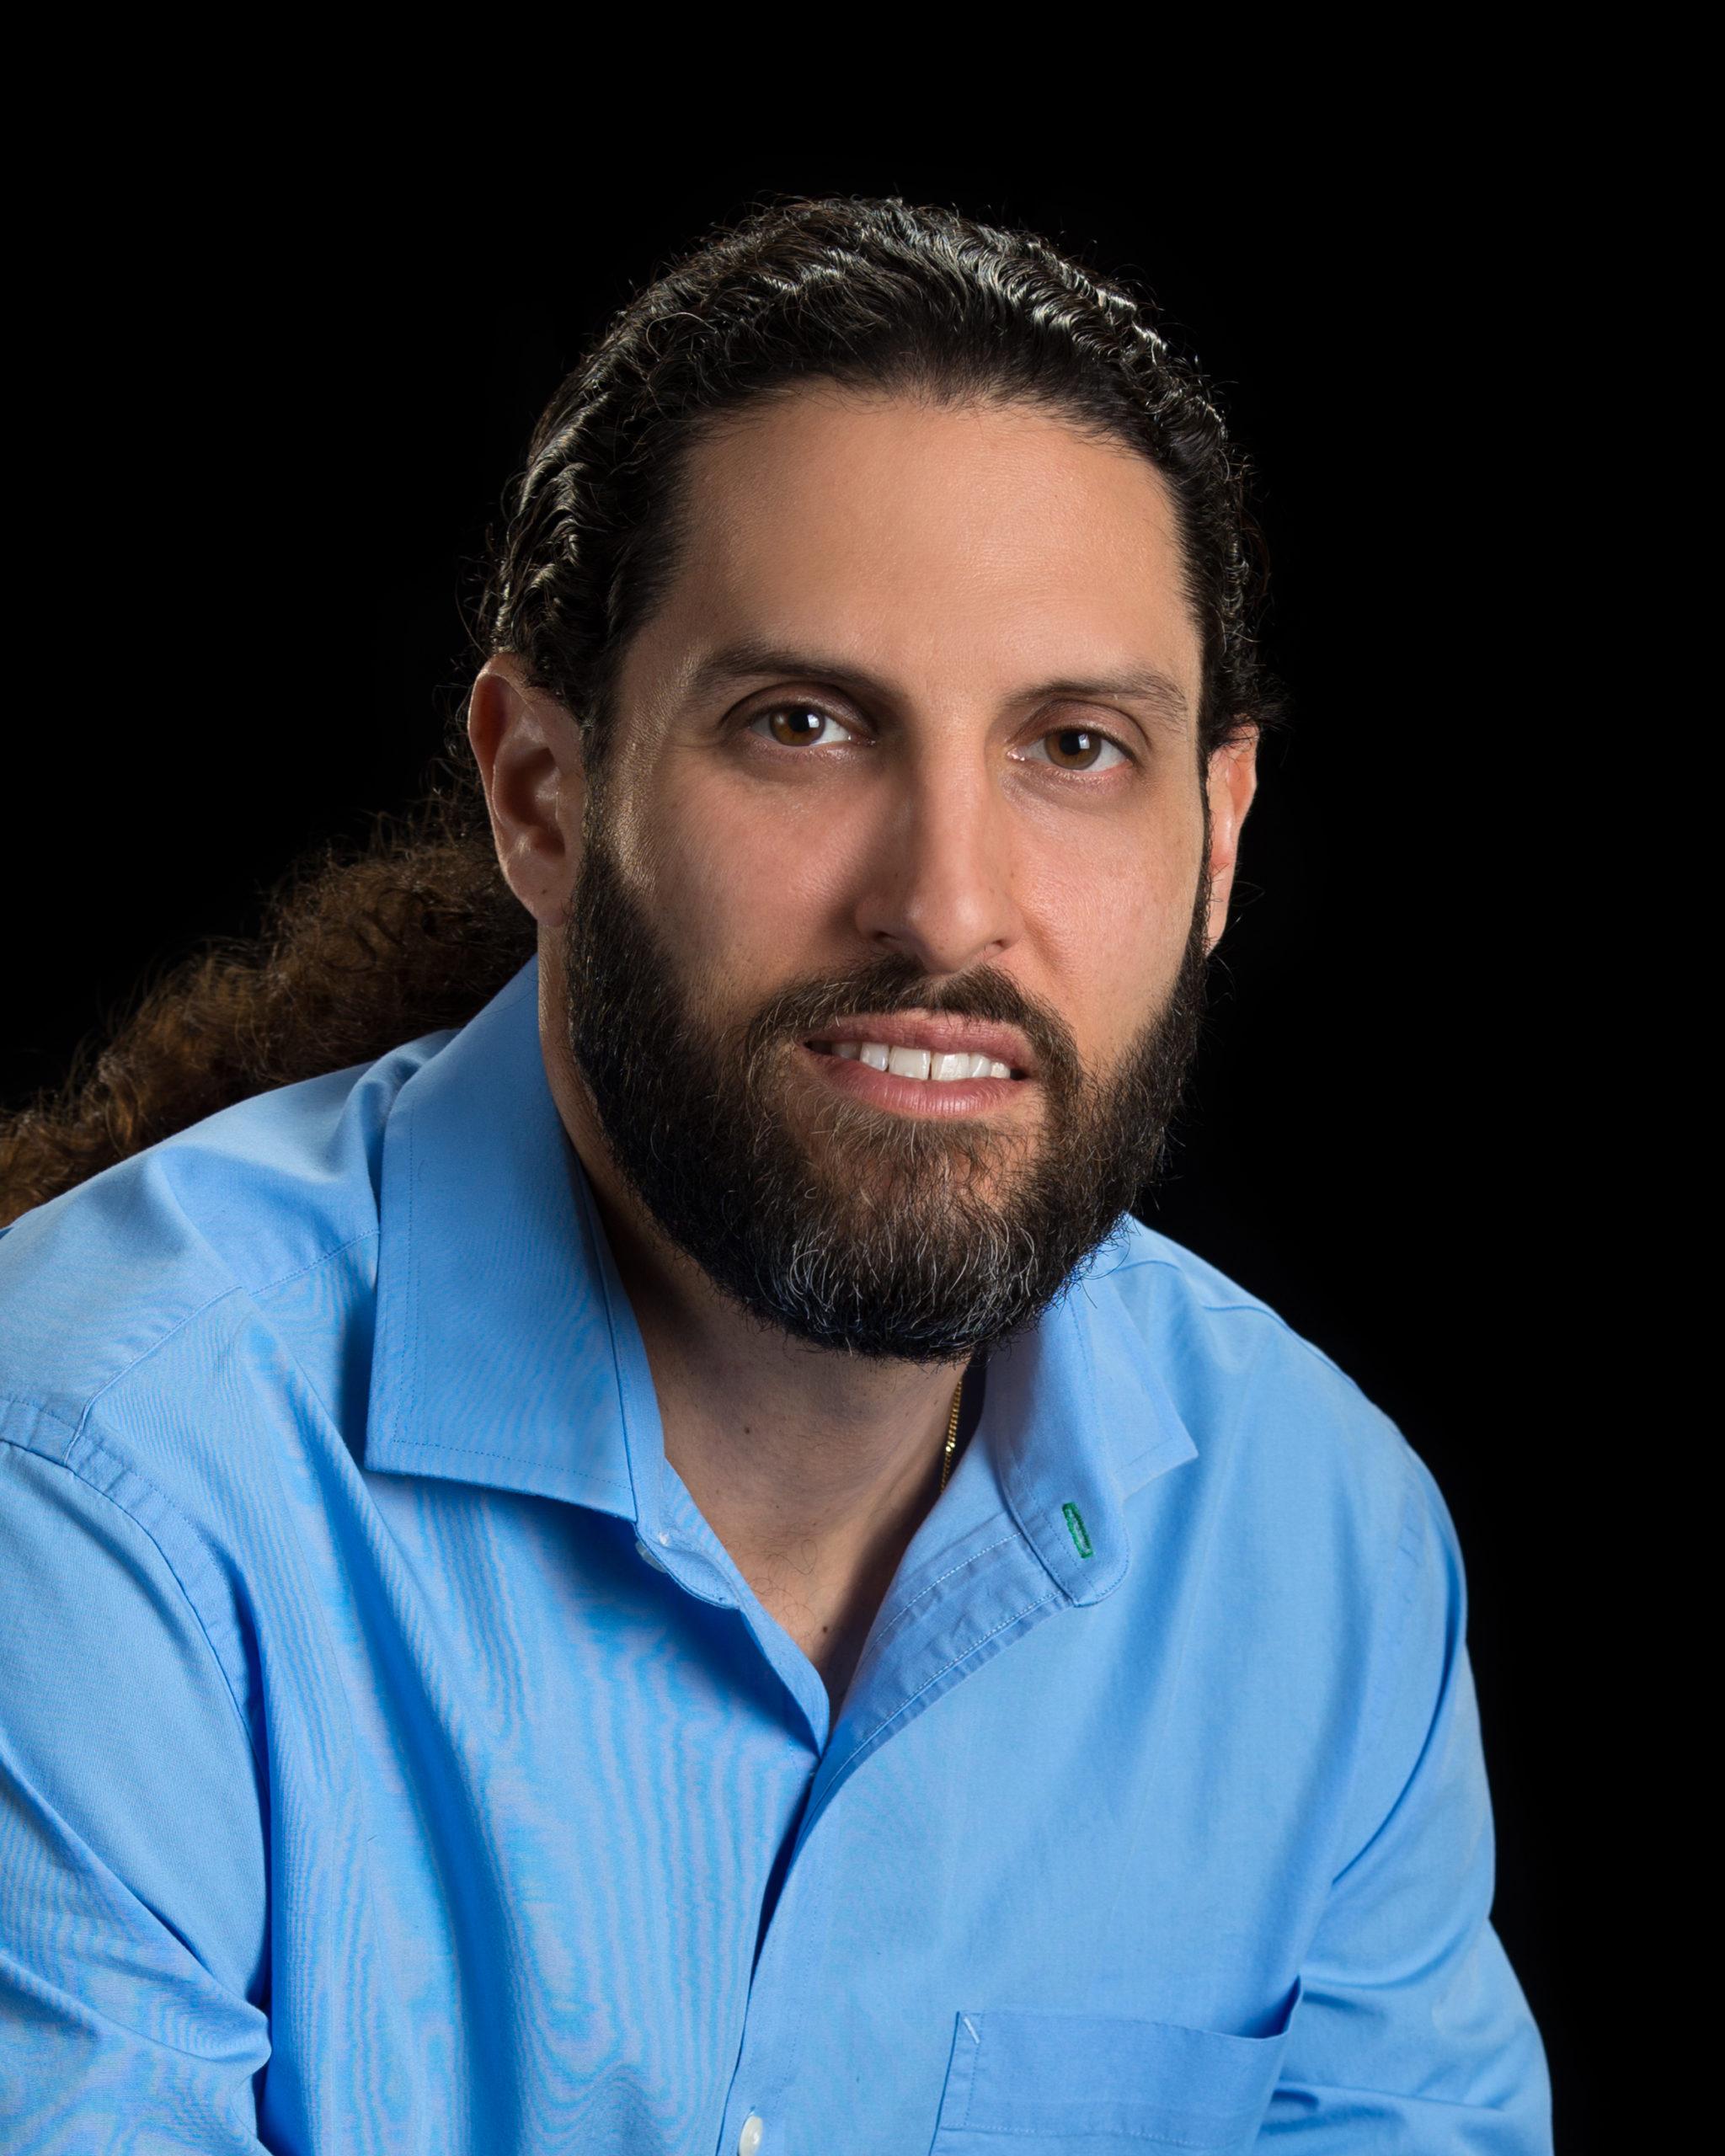 George Melendez